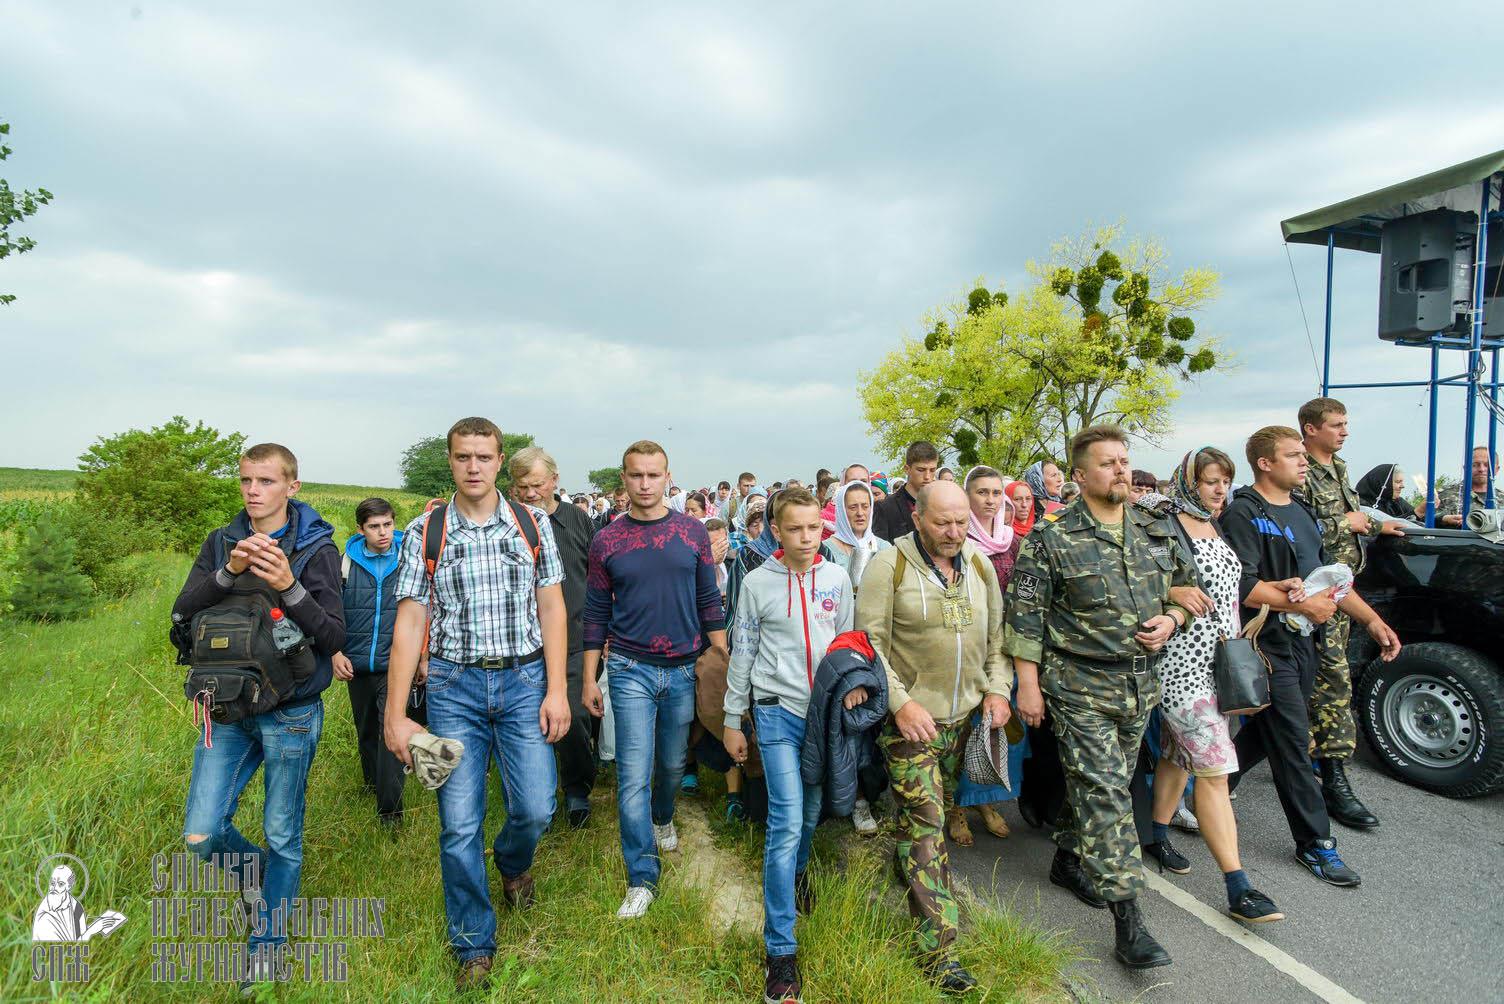 easter_procession_ukraine_pochaev_sr_1017